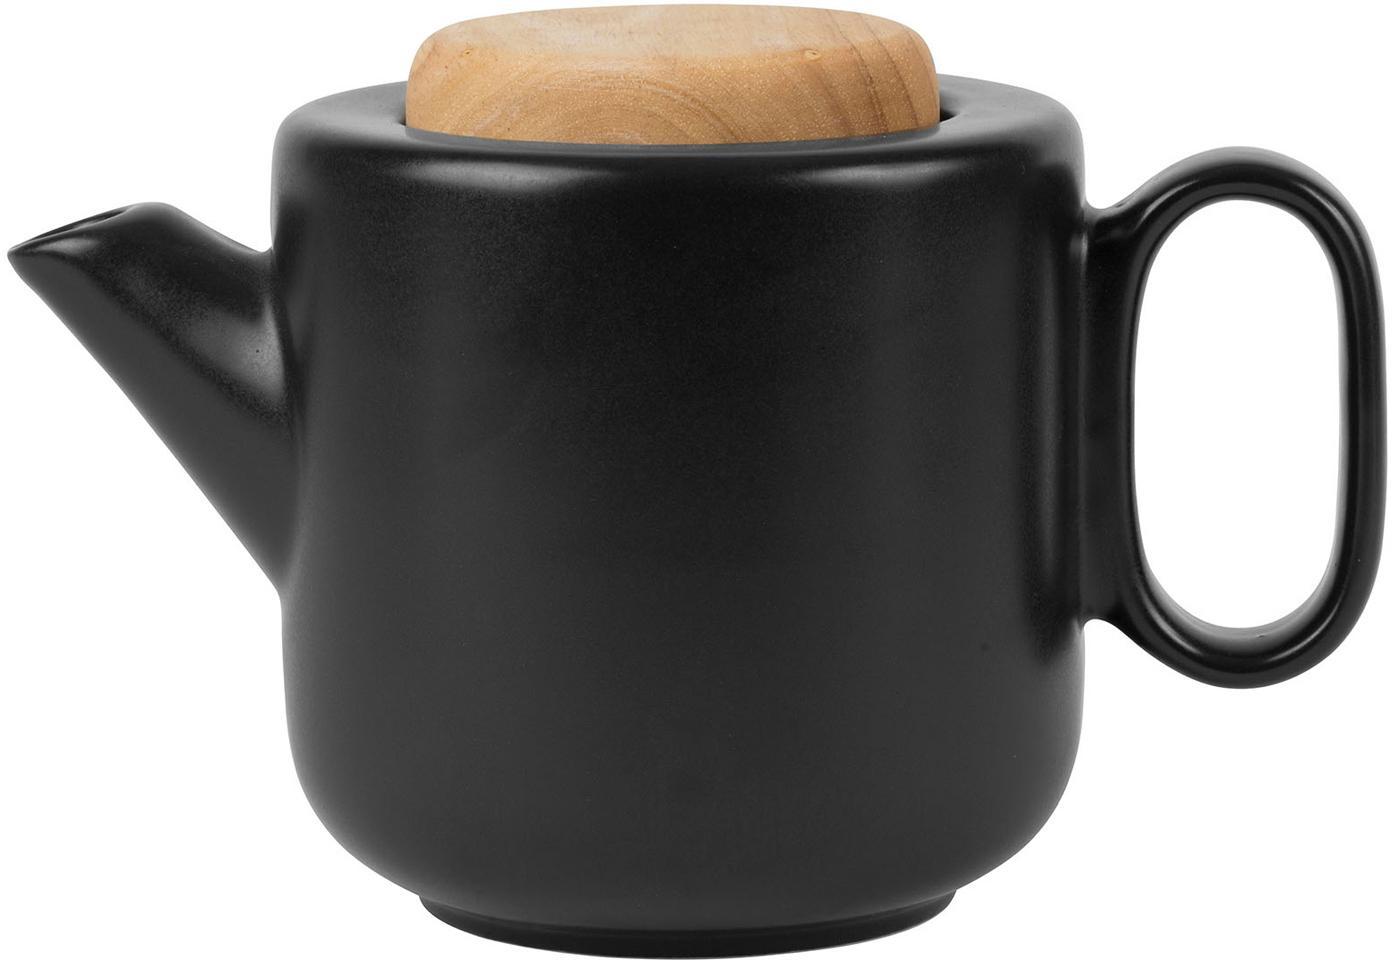 Teekanne Baltika mit Teesieb und Deckel, Steingut, Bambus, Rostfreier Stahl, Schwarz, 1 L